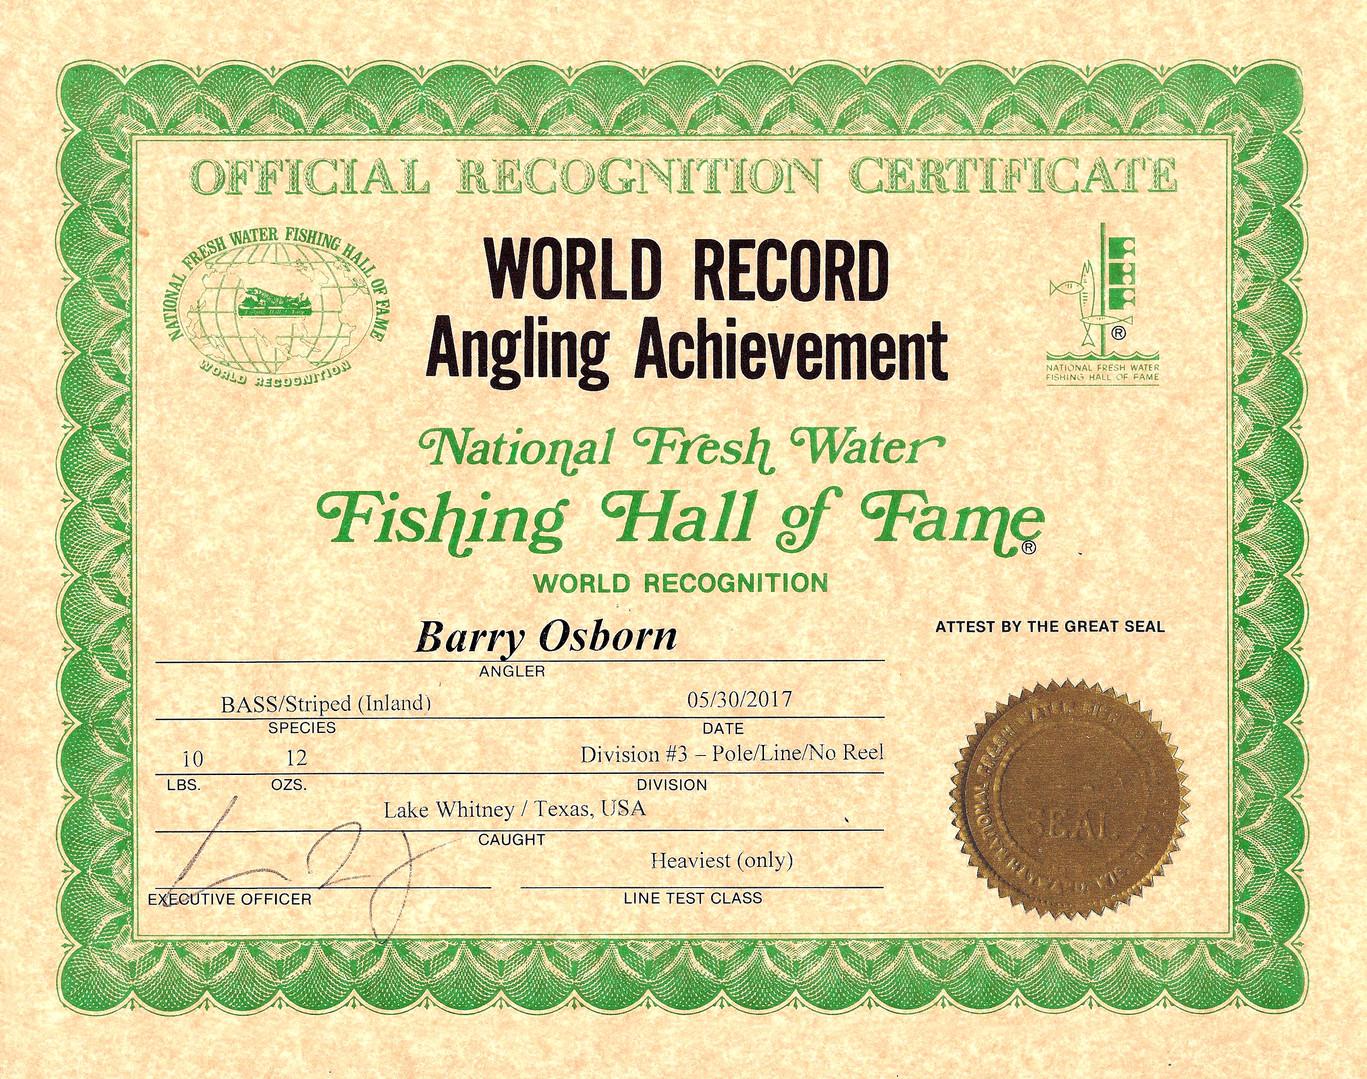 Striper Plnor Fishing World Record Certificate